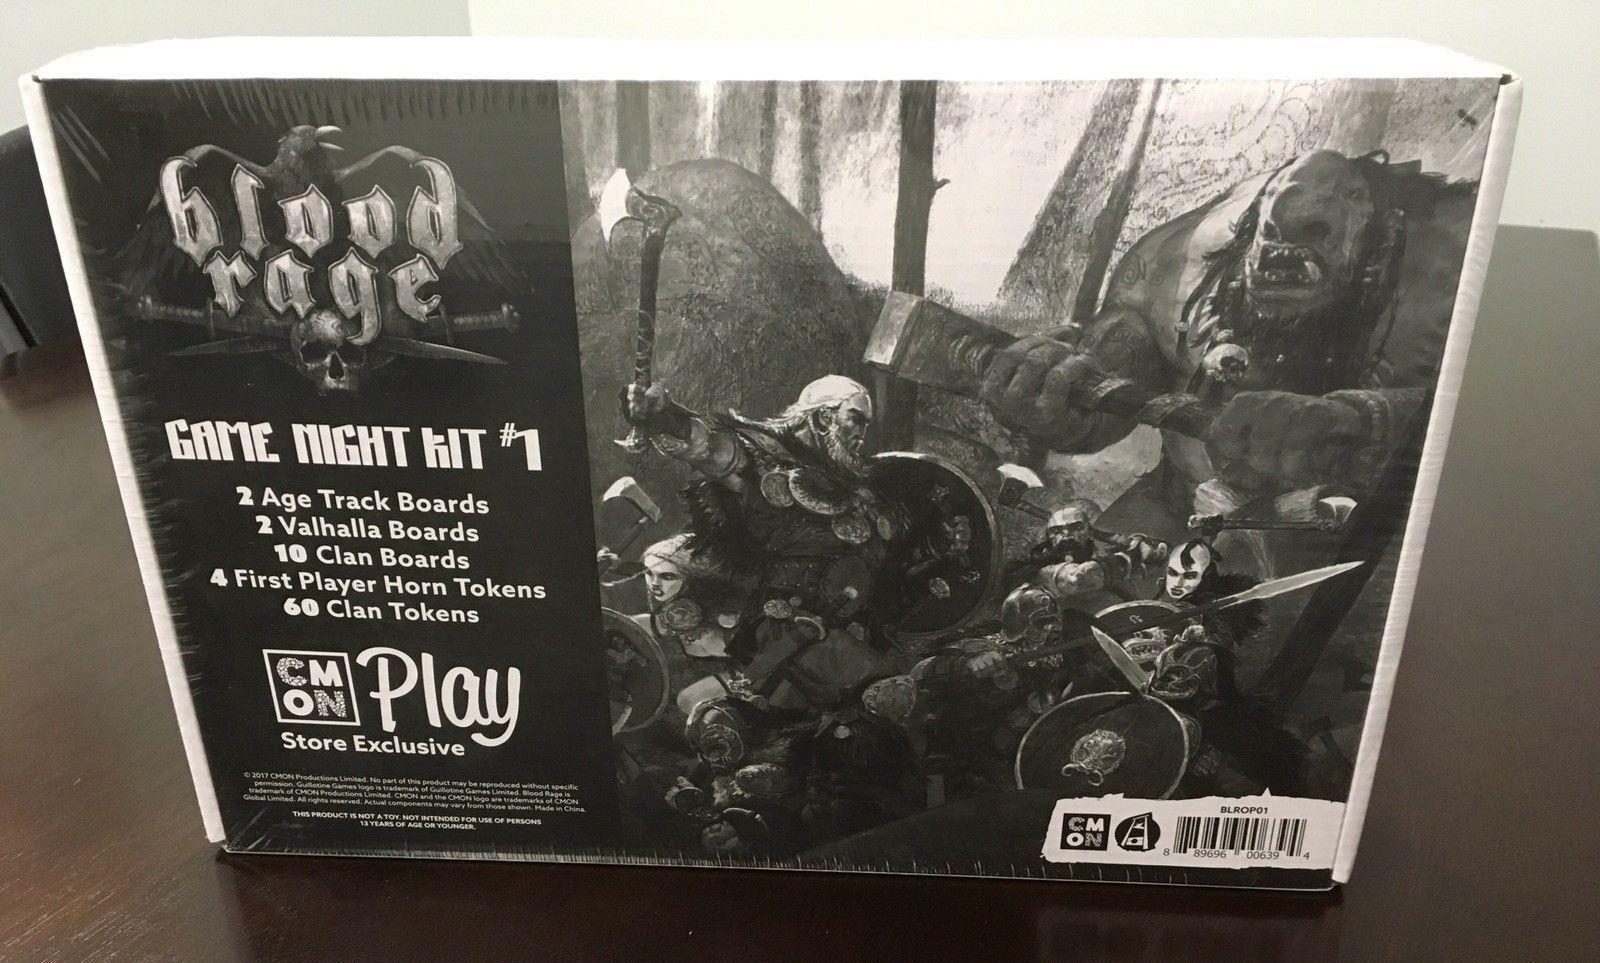 Blood Rage Game Night Kit Event Promo OP CMON Sealed